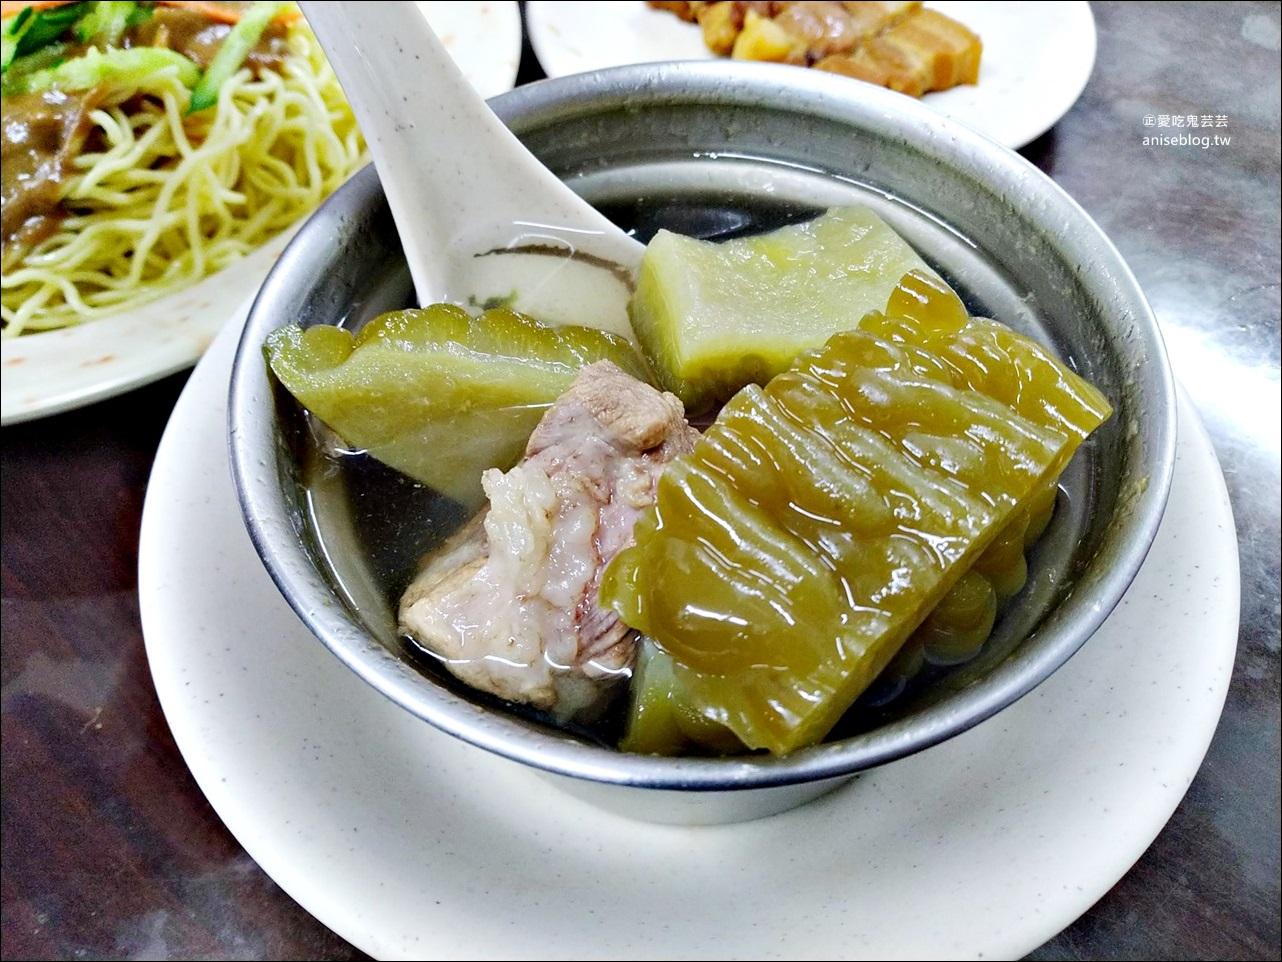 天佑傳統美食,魯肉飯、涼麵、赤肉羹,中永和在地推薦平價小吃(姊姊食記)